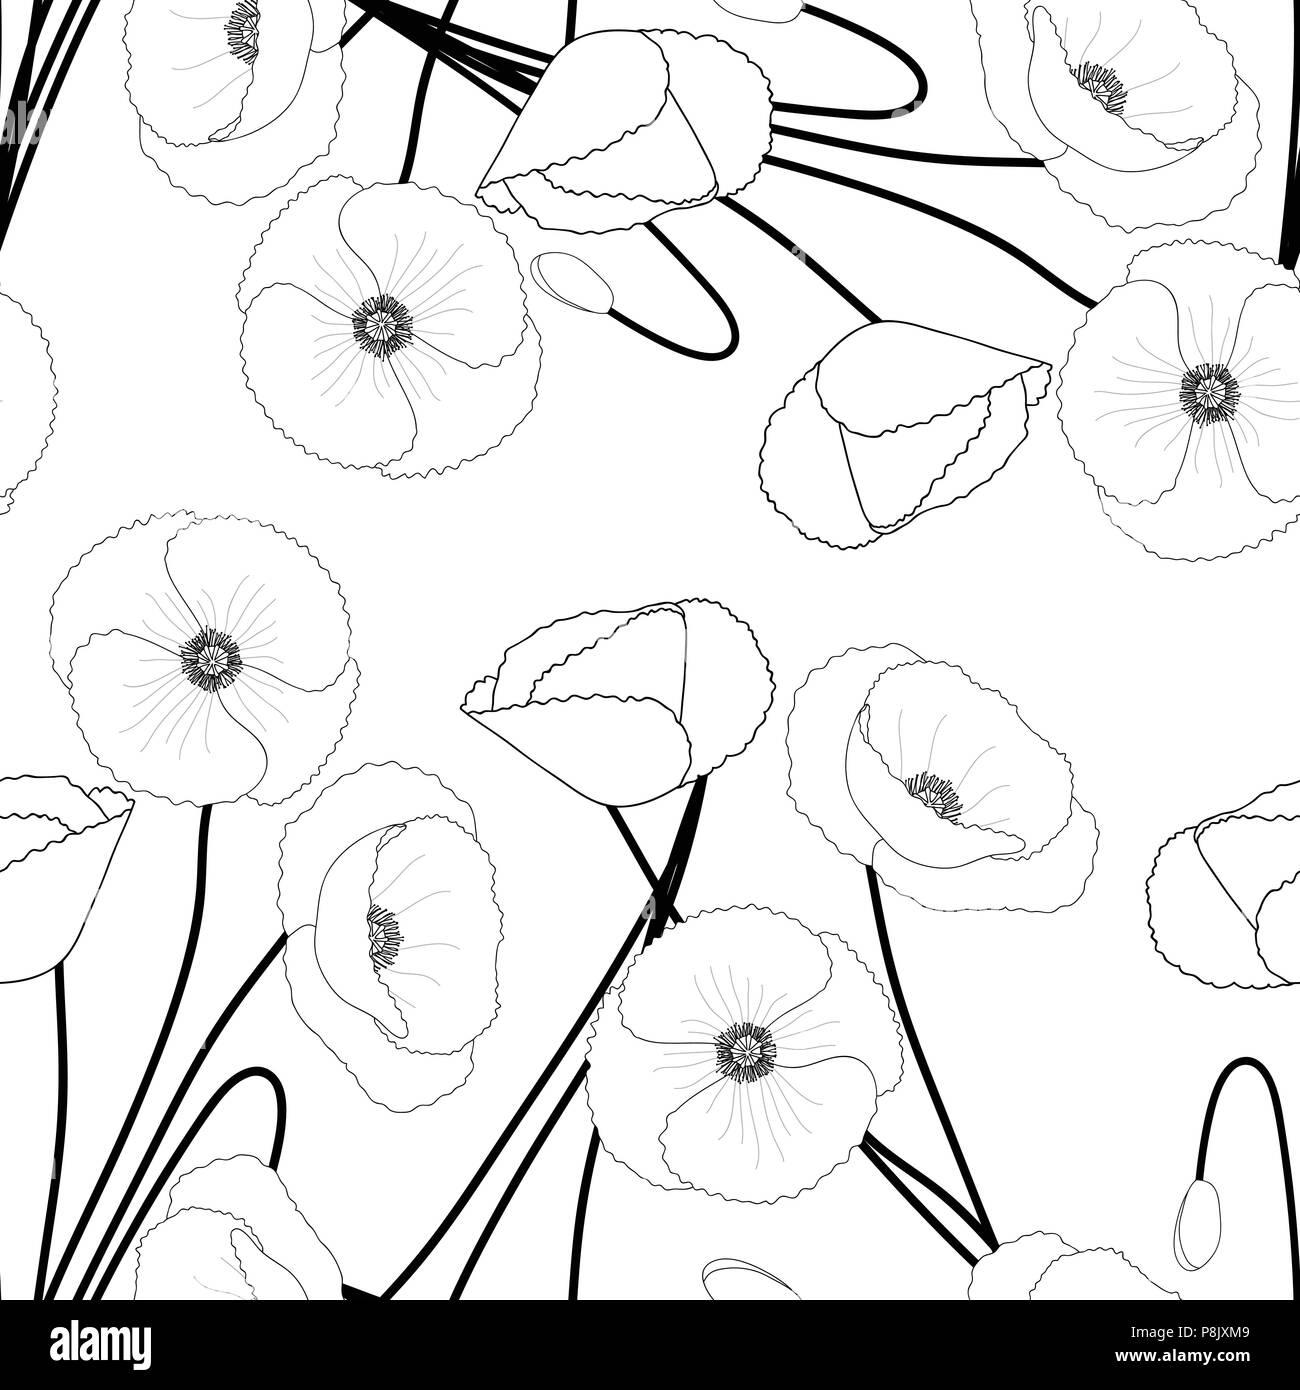 Corn Poppy on White Background. Vector Illustration. - Stock Vector